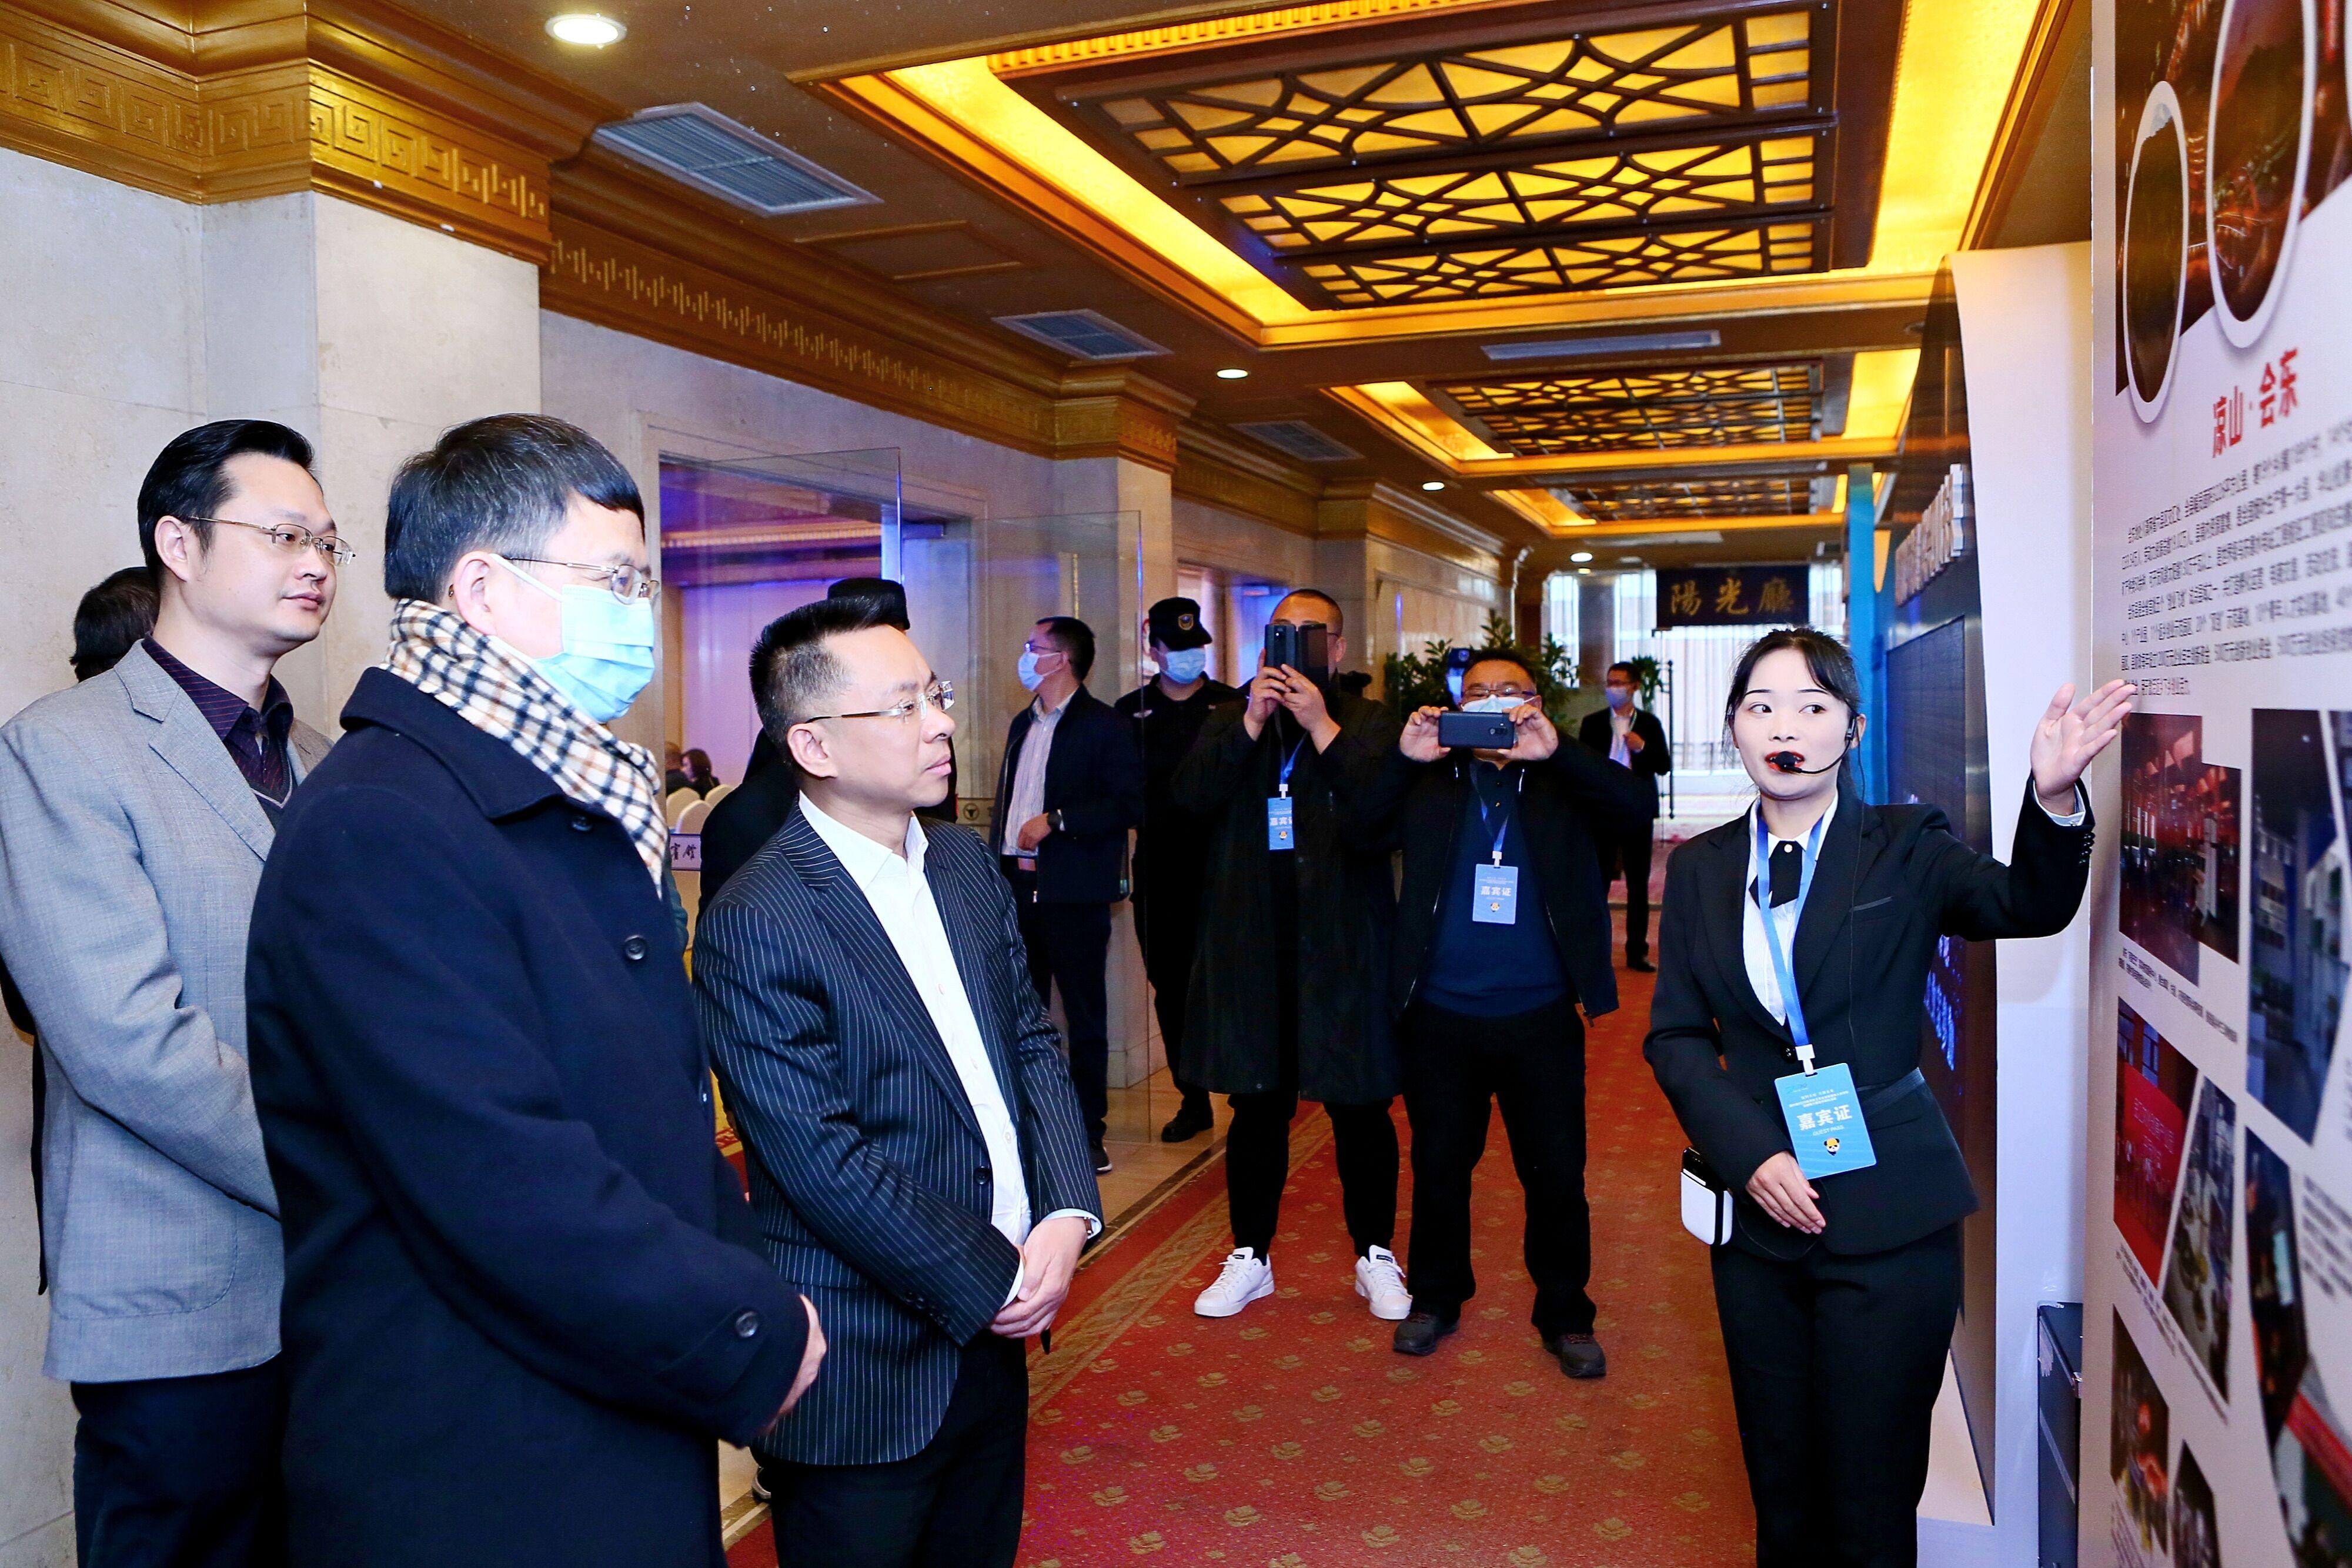 四川省2020年农民工及企业家返乡入乡创业项目推介暨集中签约活动在成都市成功举办